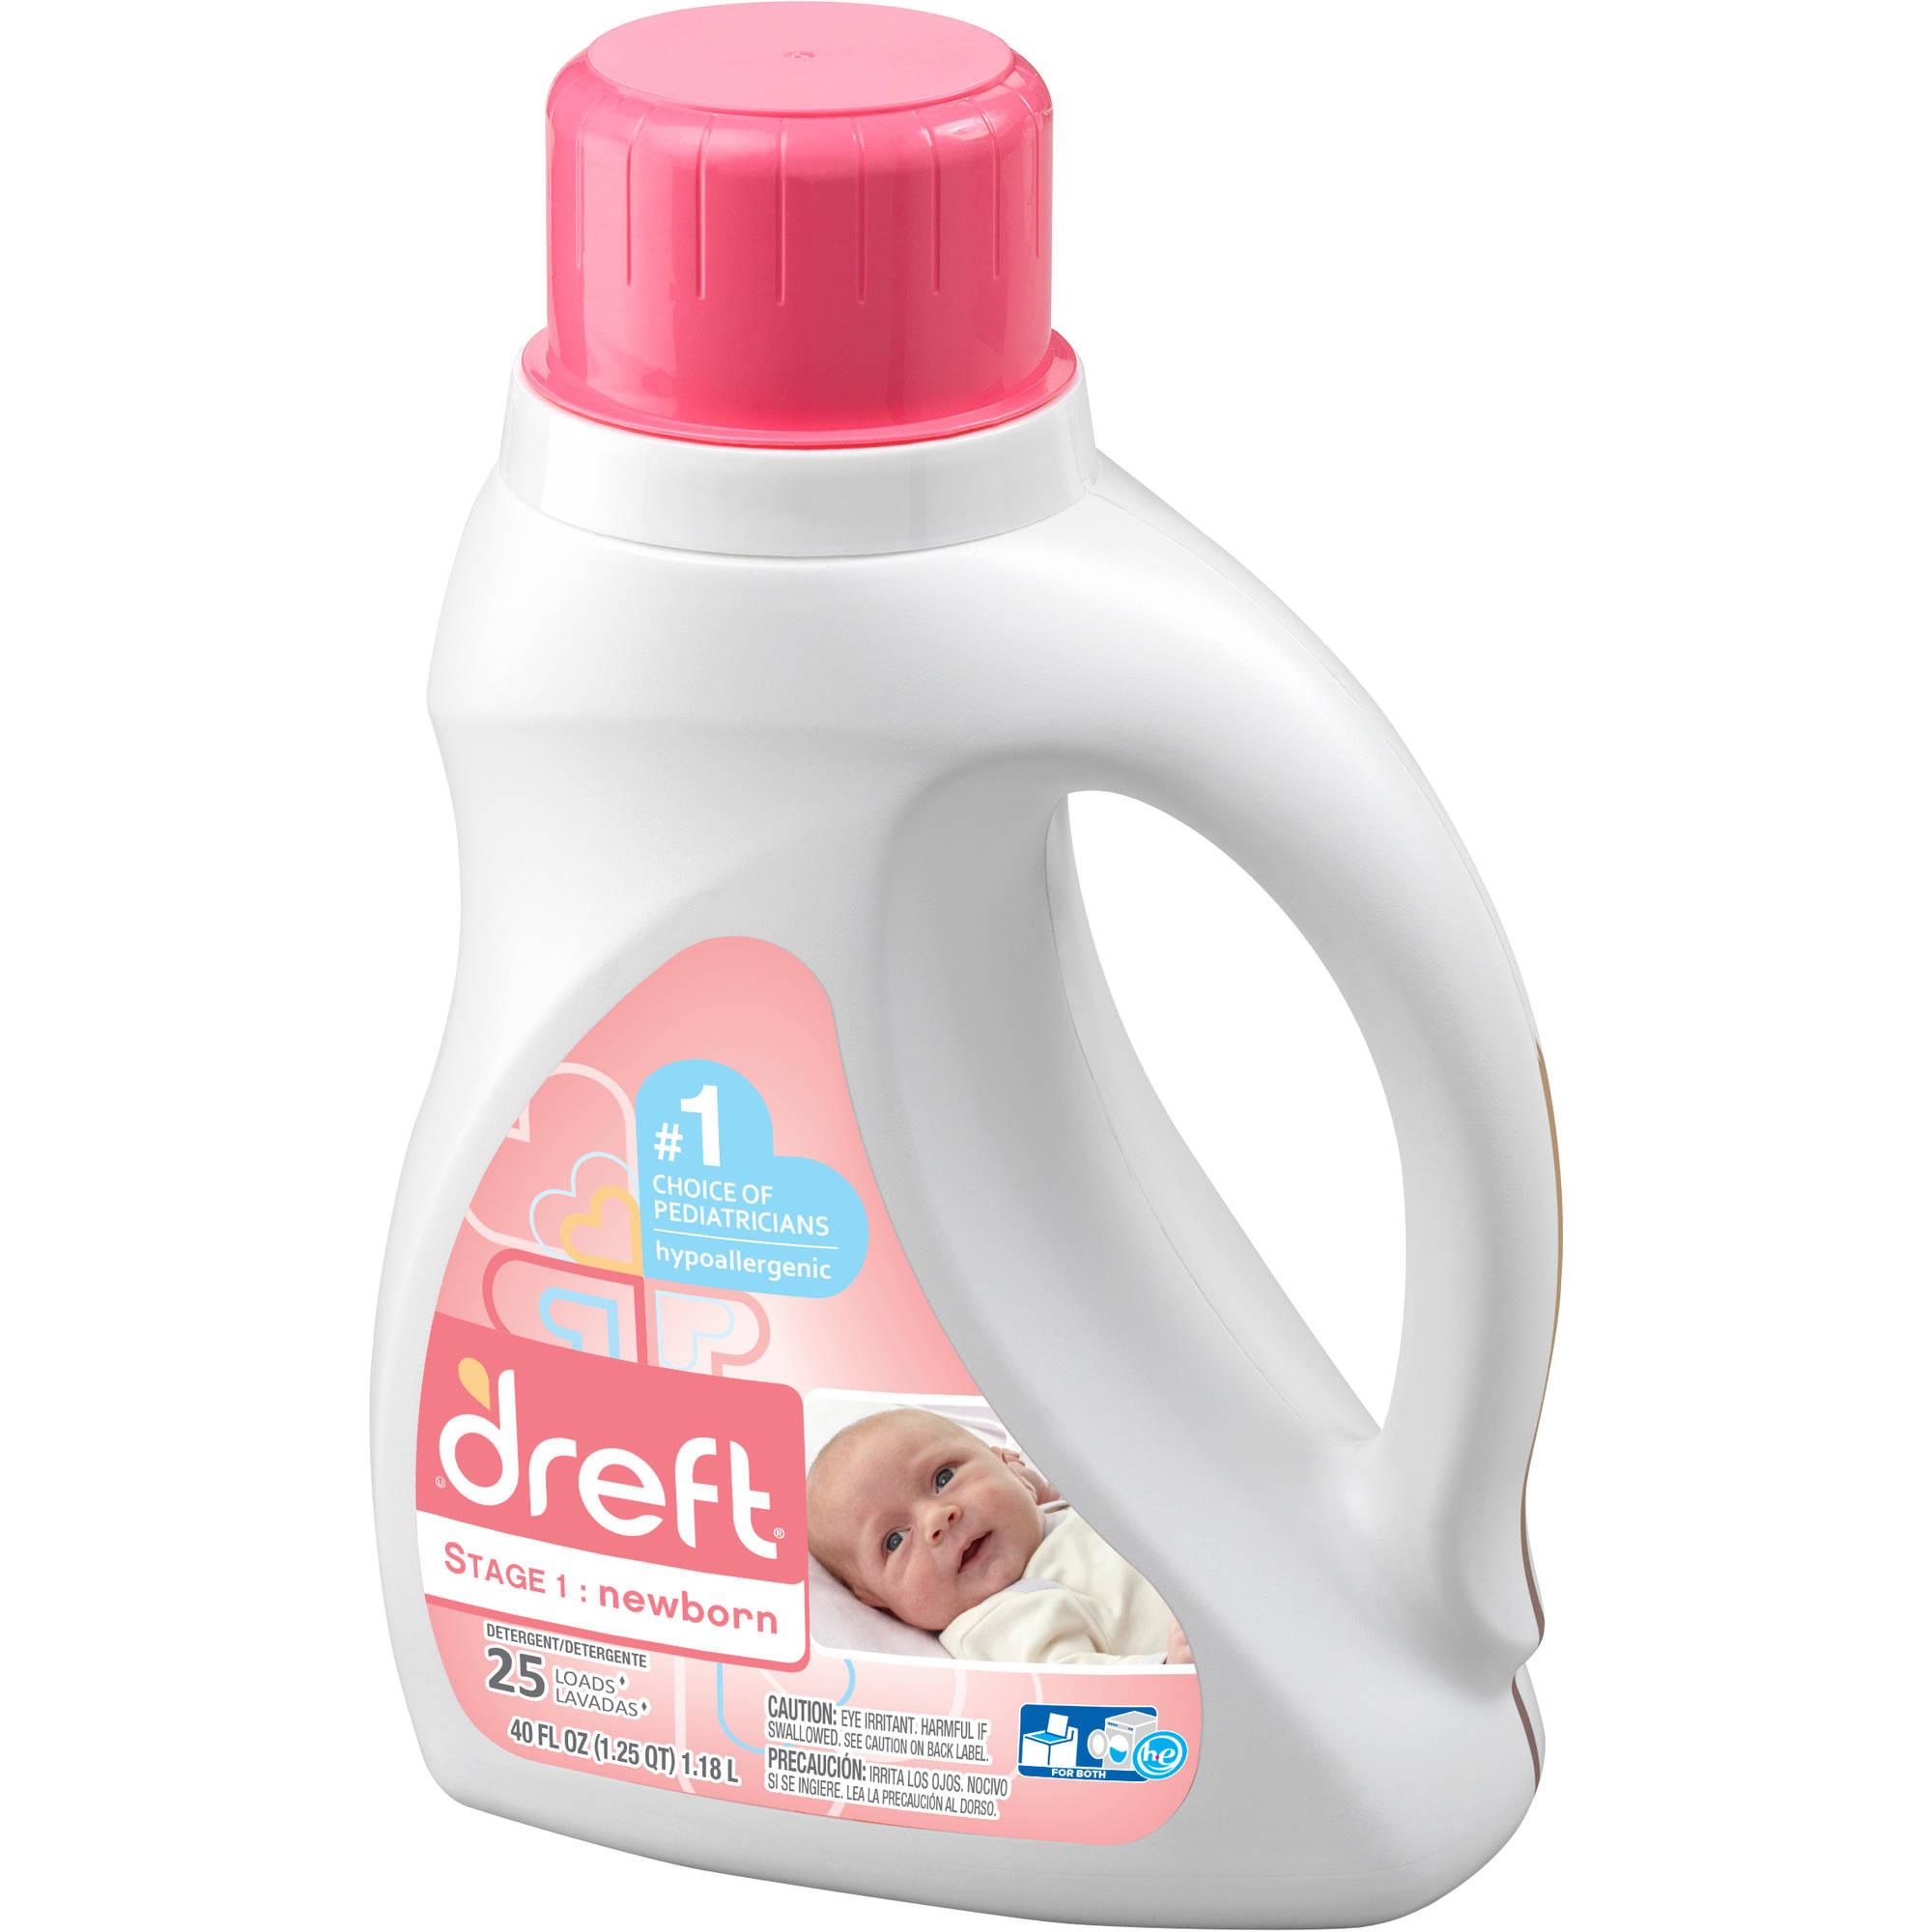 Dreft Stage 1: Newborn Liquid Detergent (HEC): 40 oz, 25 Loads